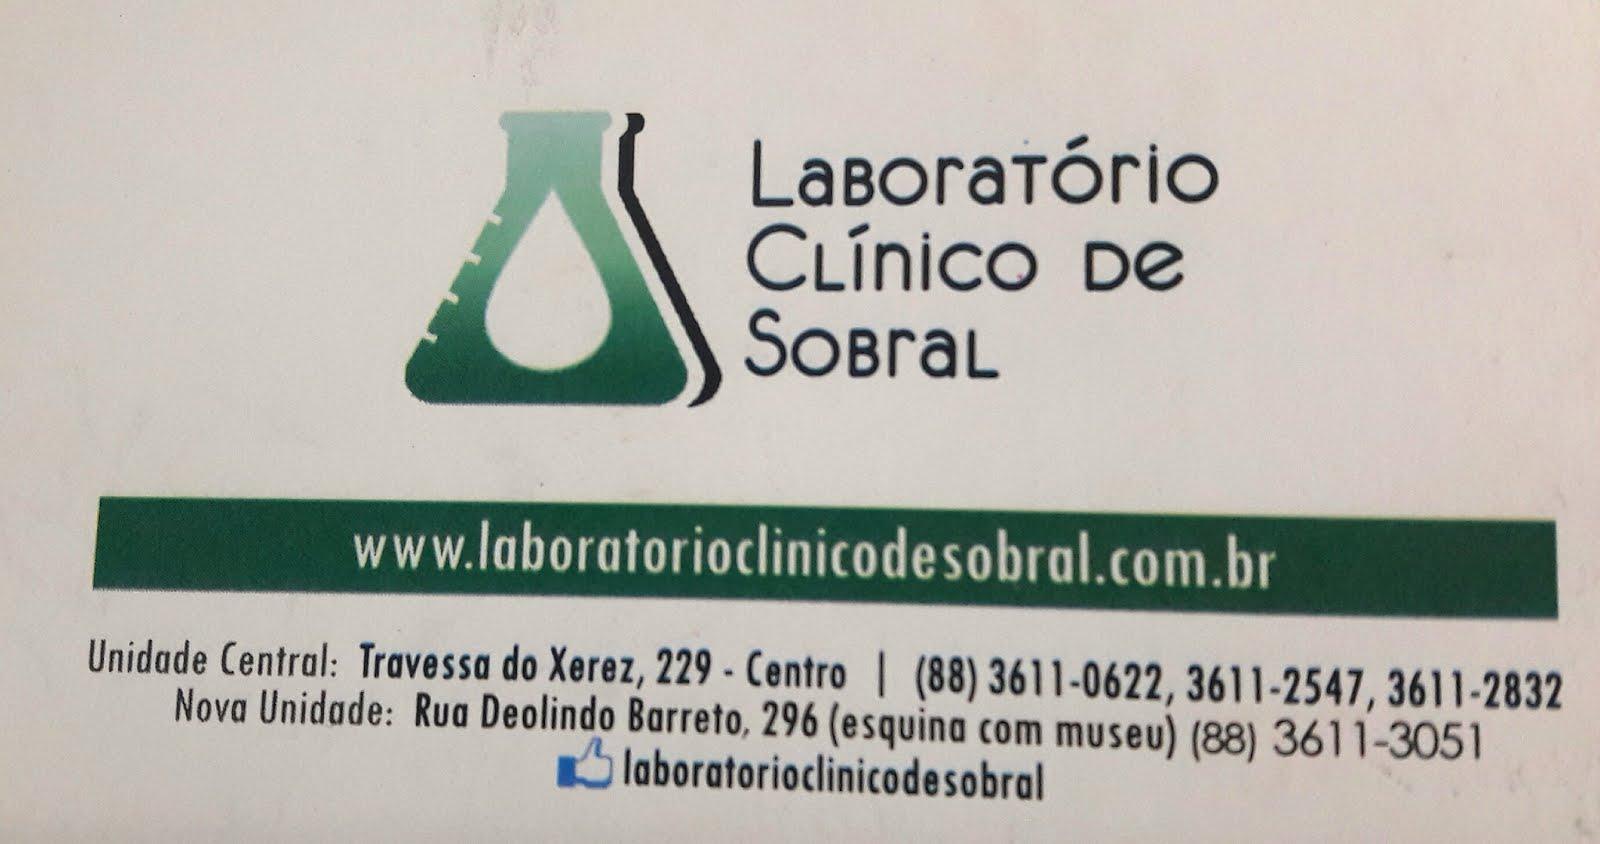 Laboratório Clinico de Sobral